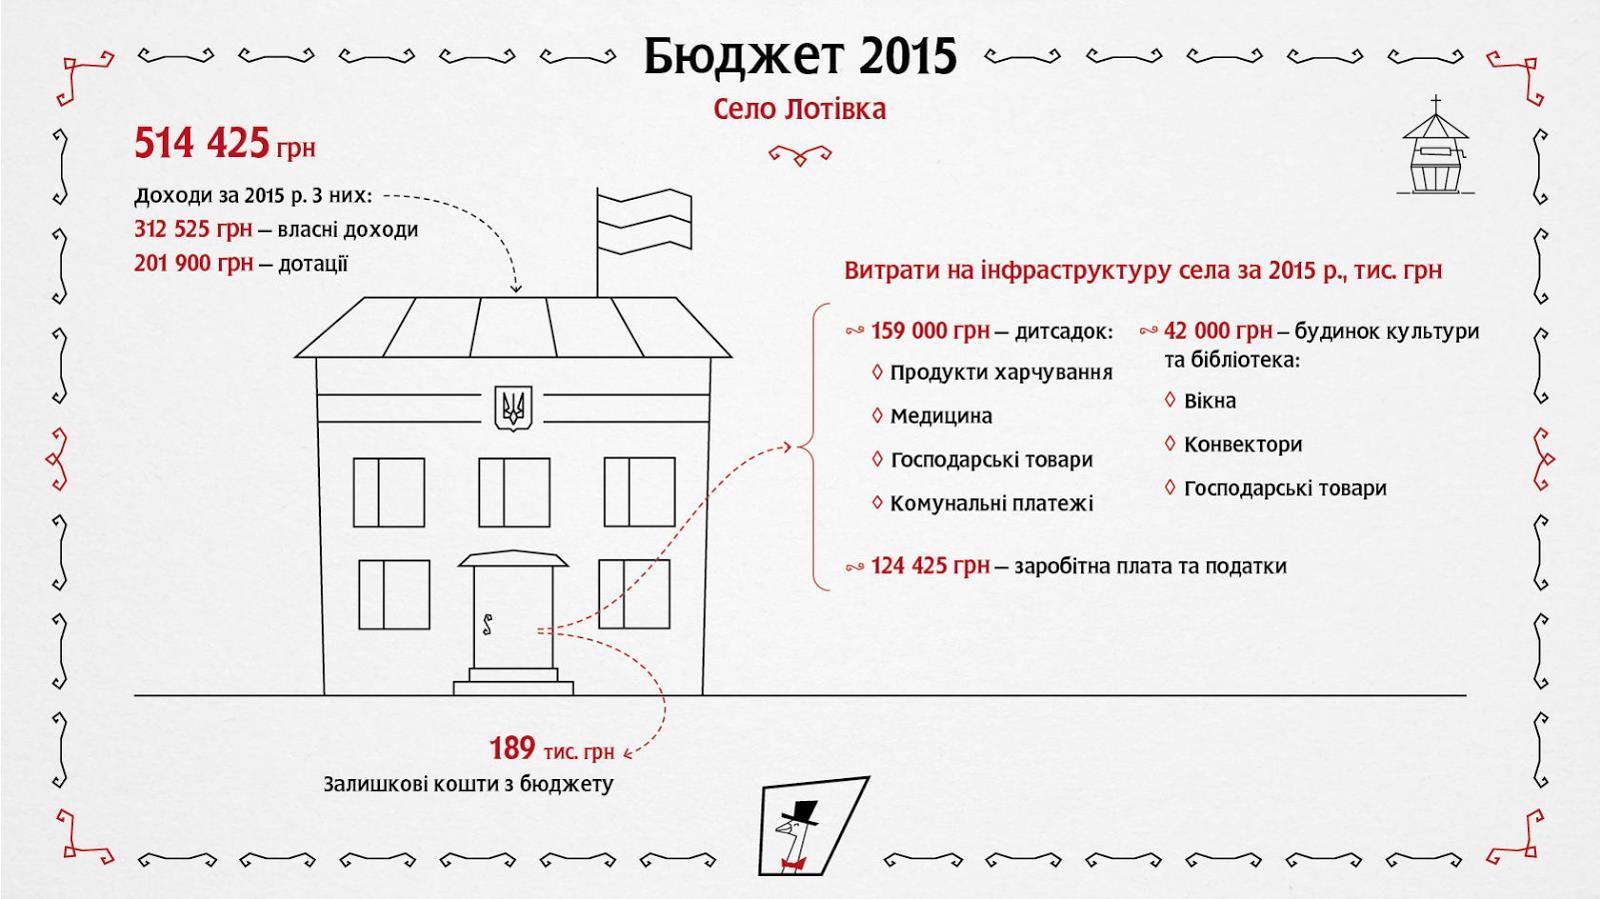 Бюджет села Лотовка в Хмельницкой области